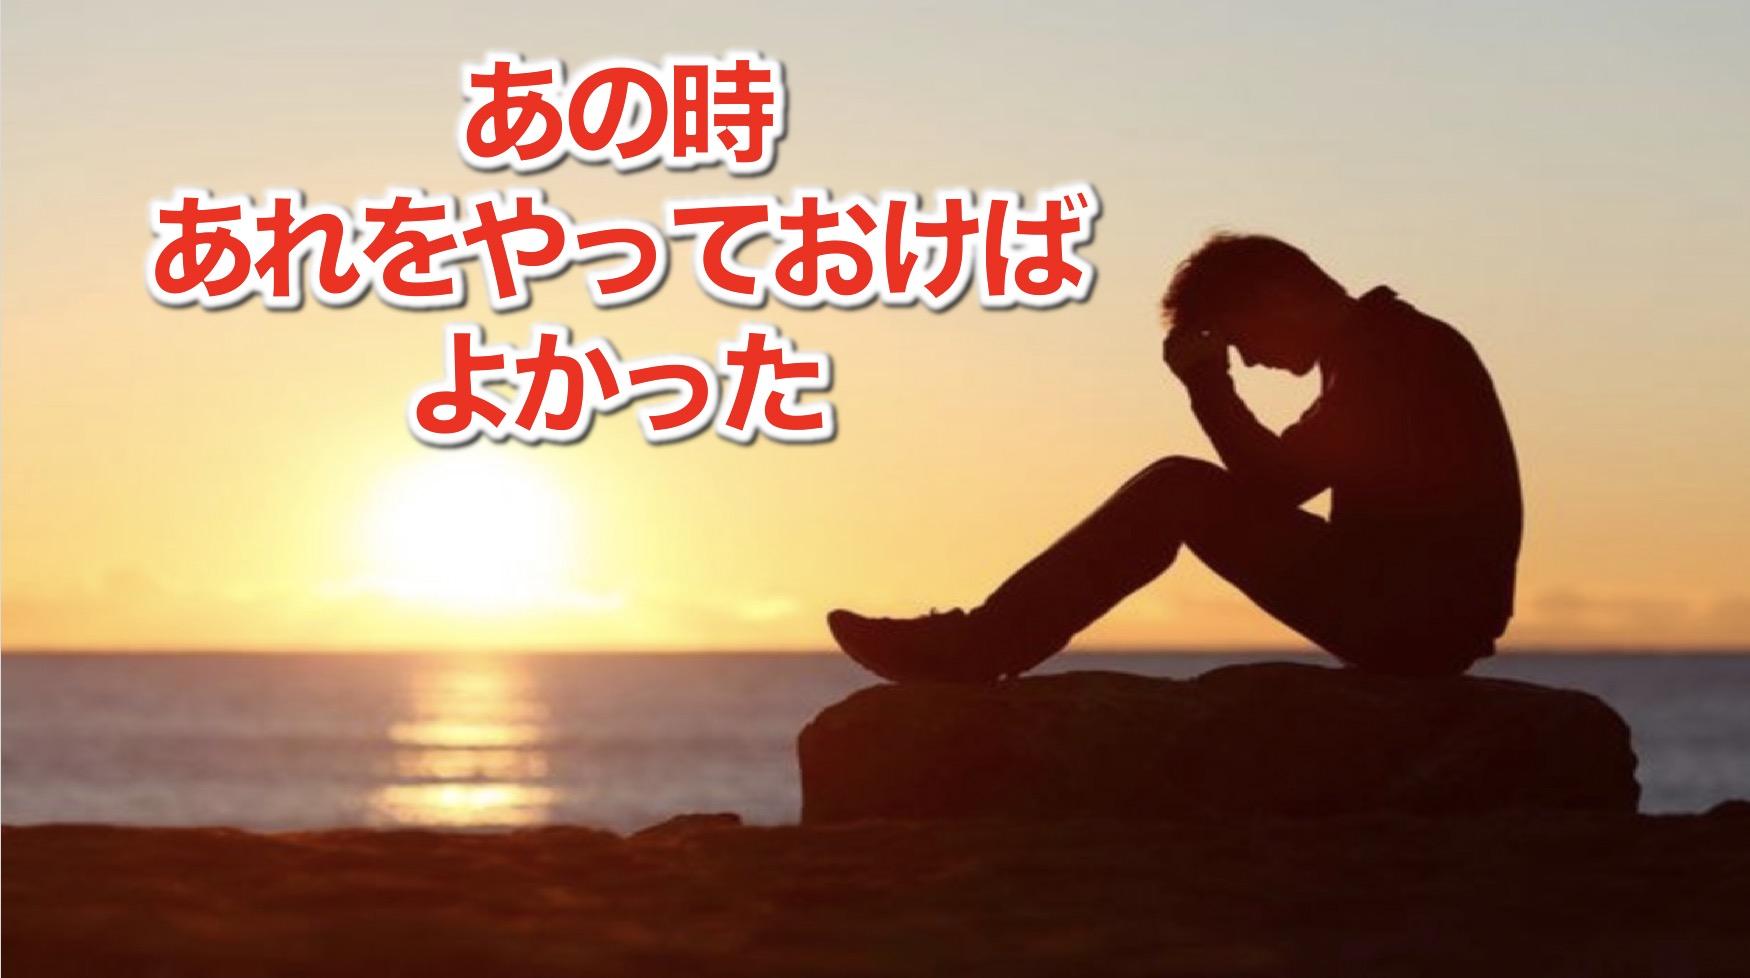 ◆人生って偶然?必然?